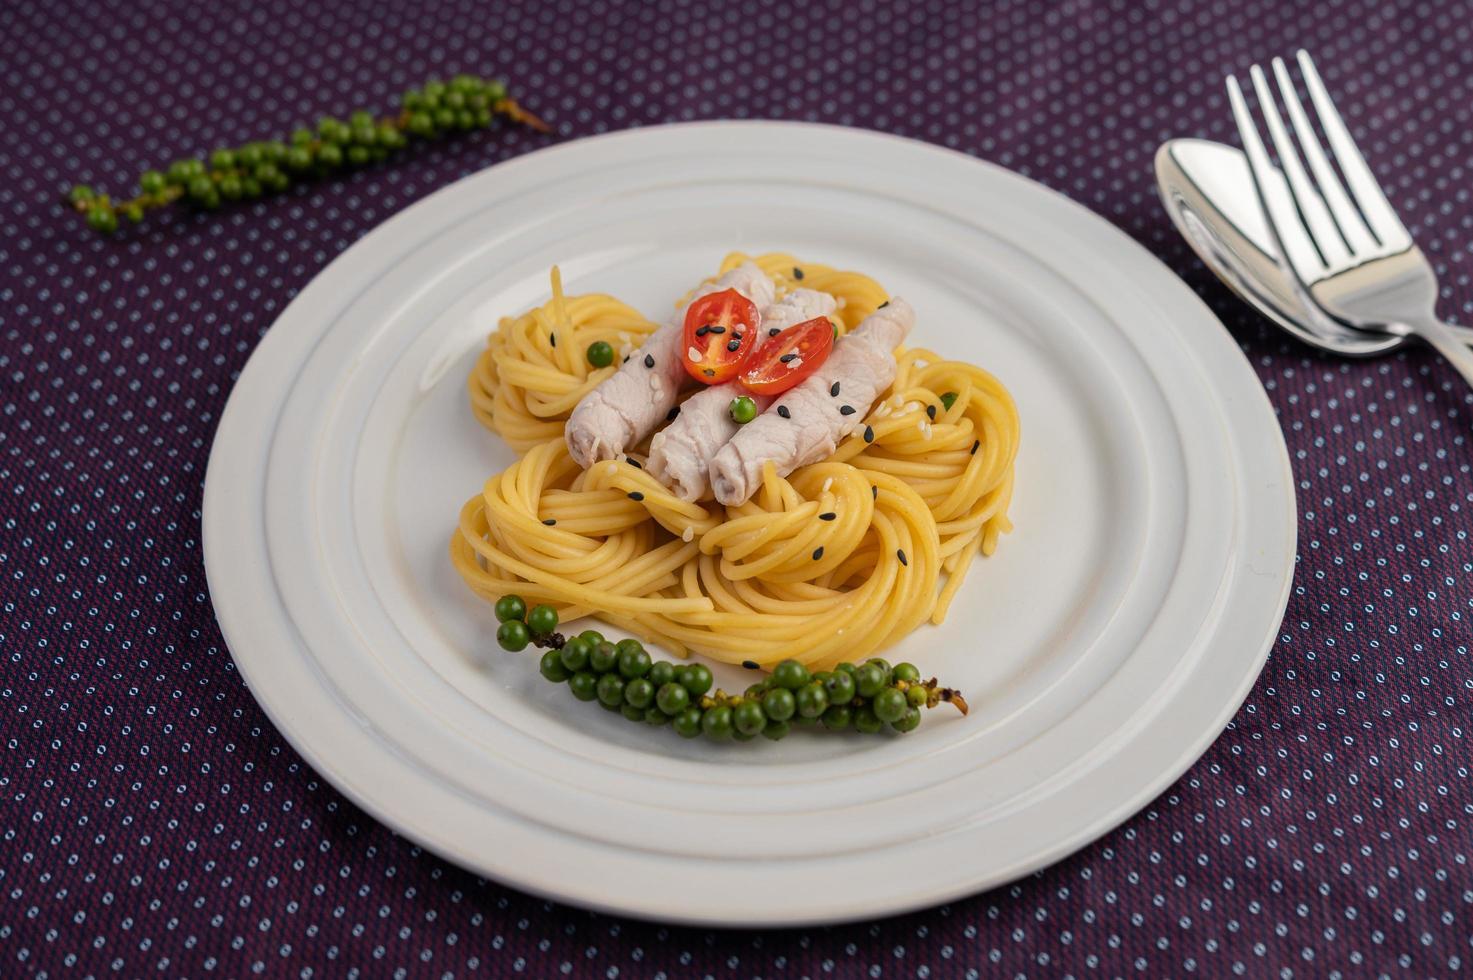 überzogene Spaghetti und Schweinefleisch auf einem weißen Teller angeordnet foto